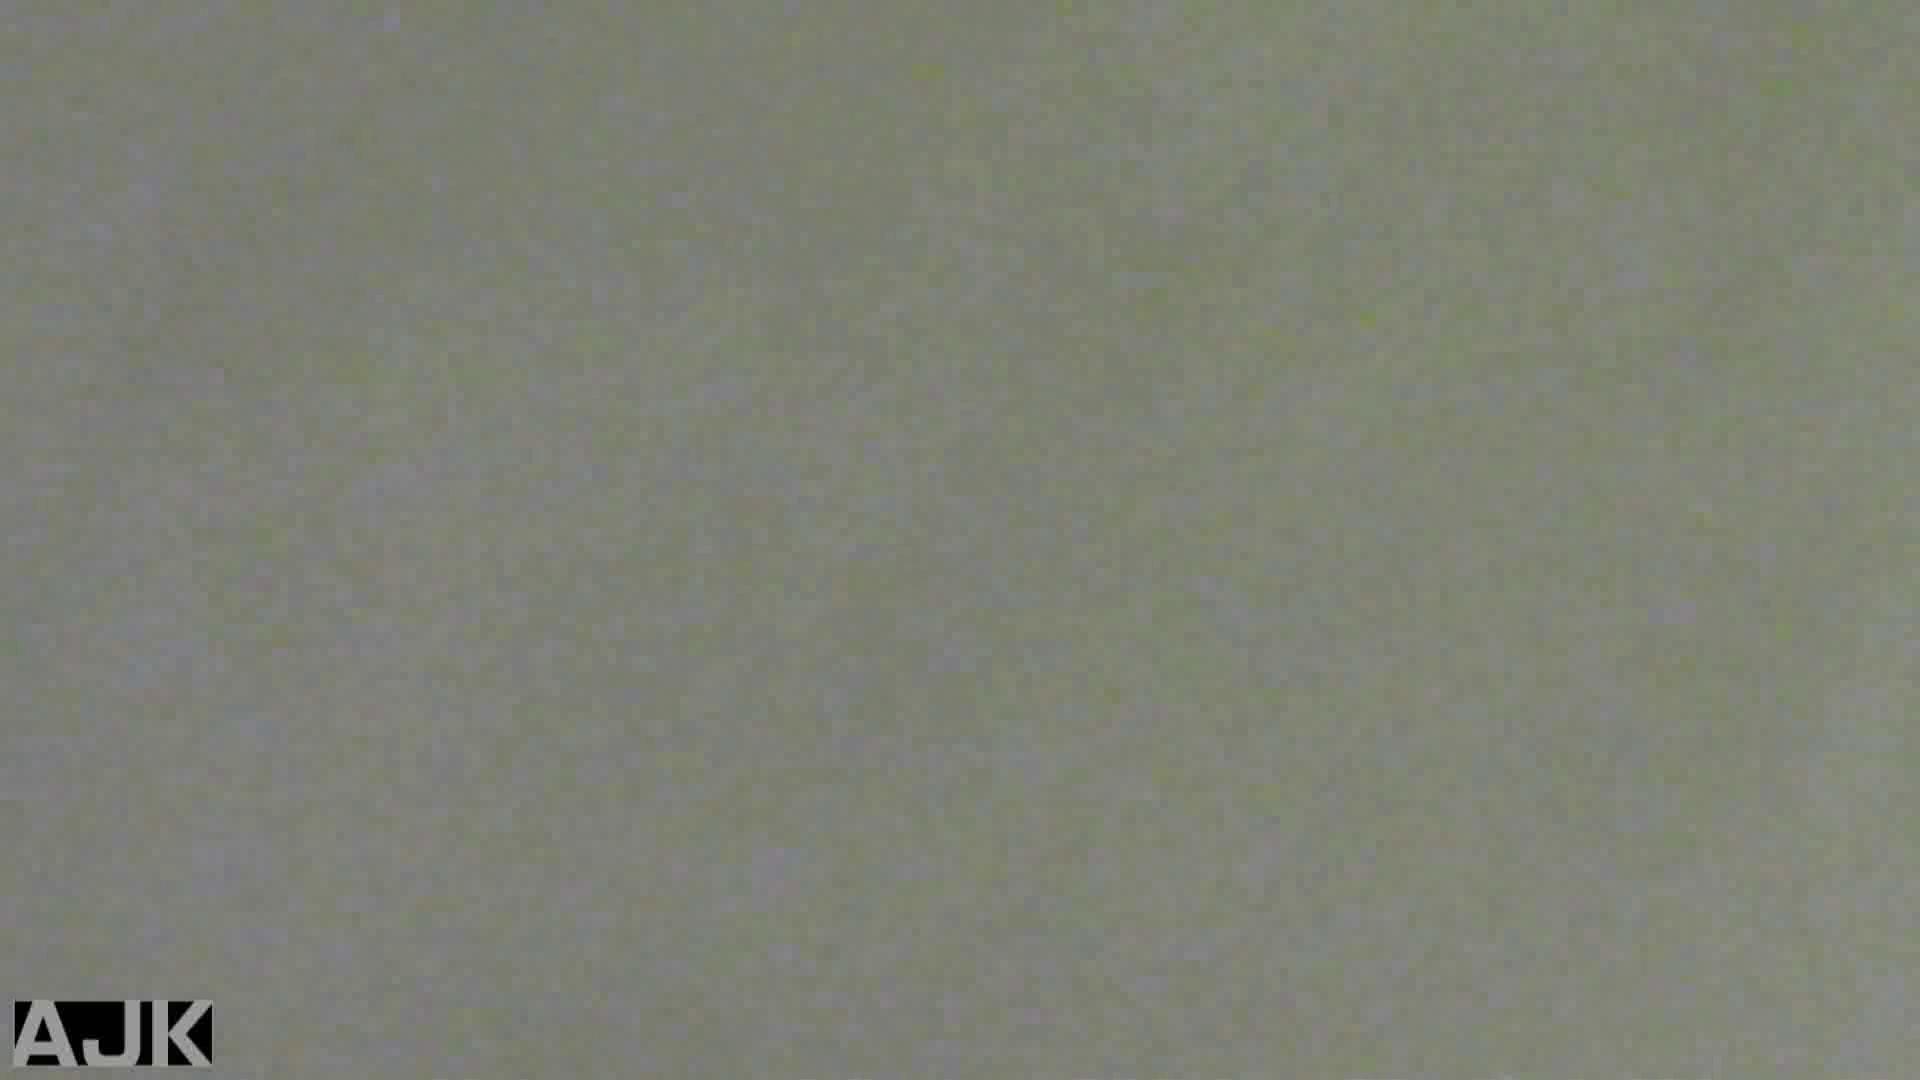 隣国上階級エリアの令嬢たちが集うデパートお手洗い Vol.01 丸見え  70画像 26